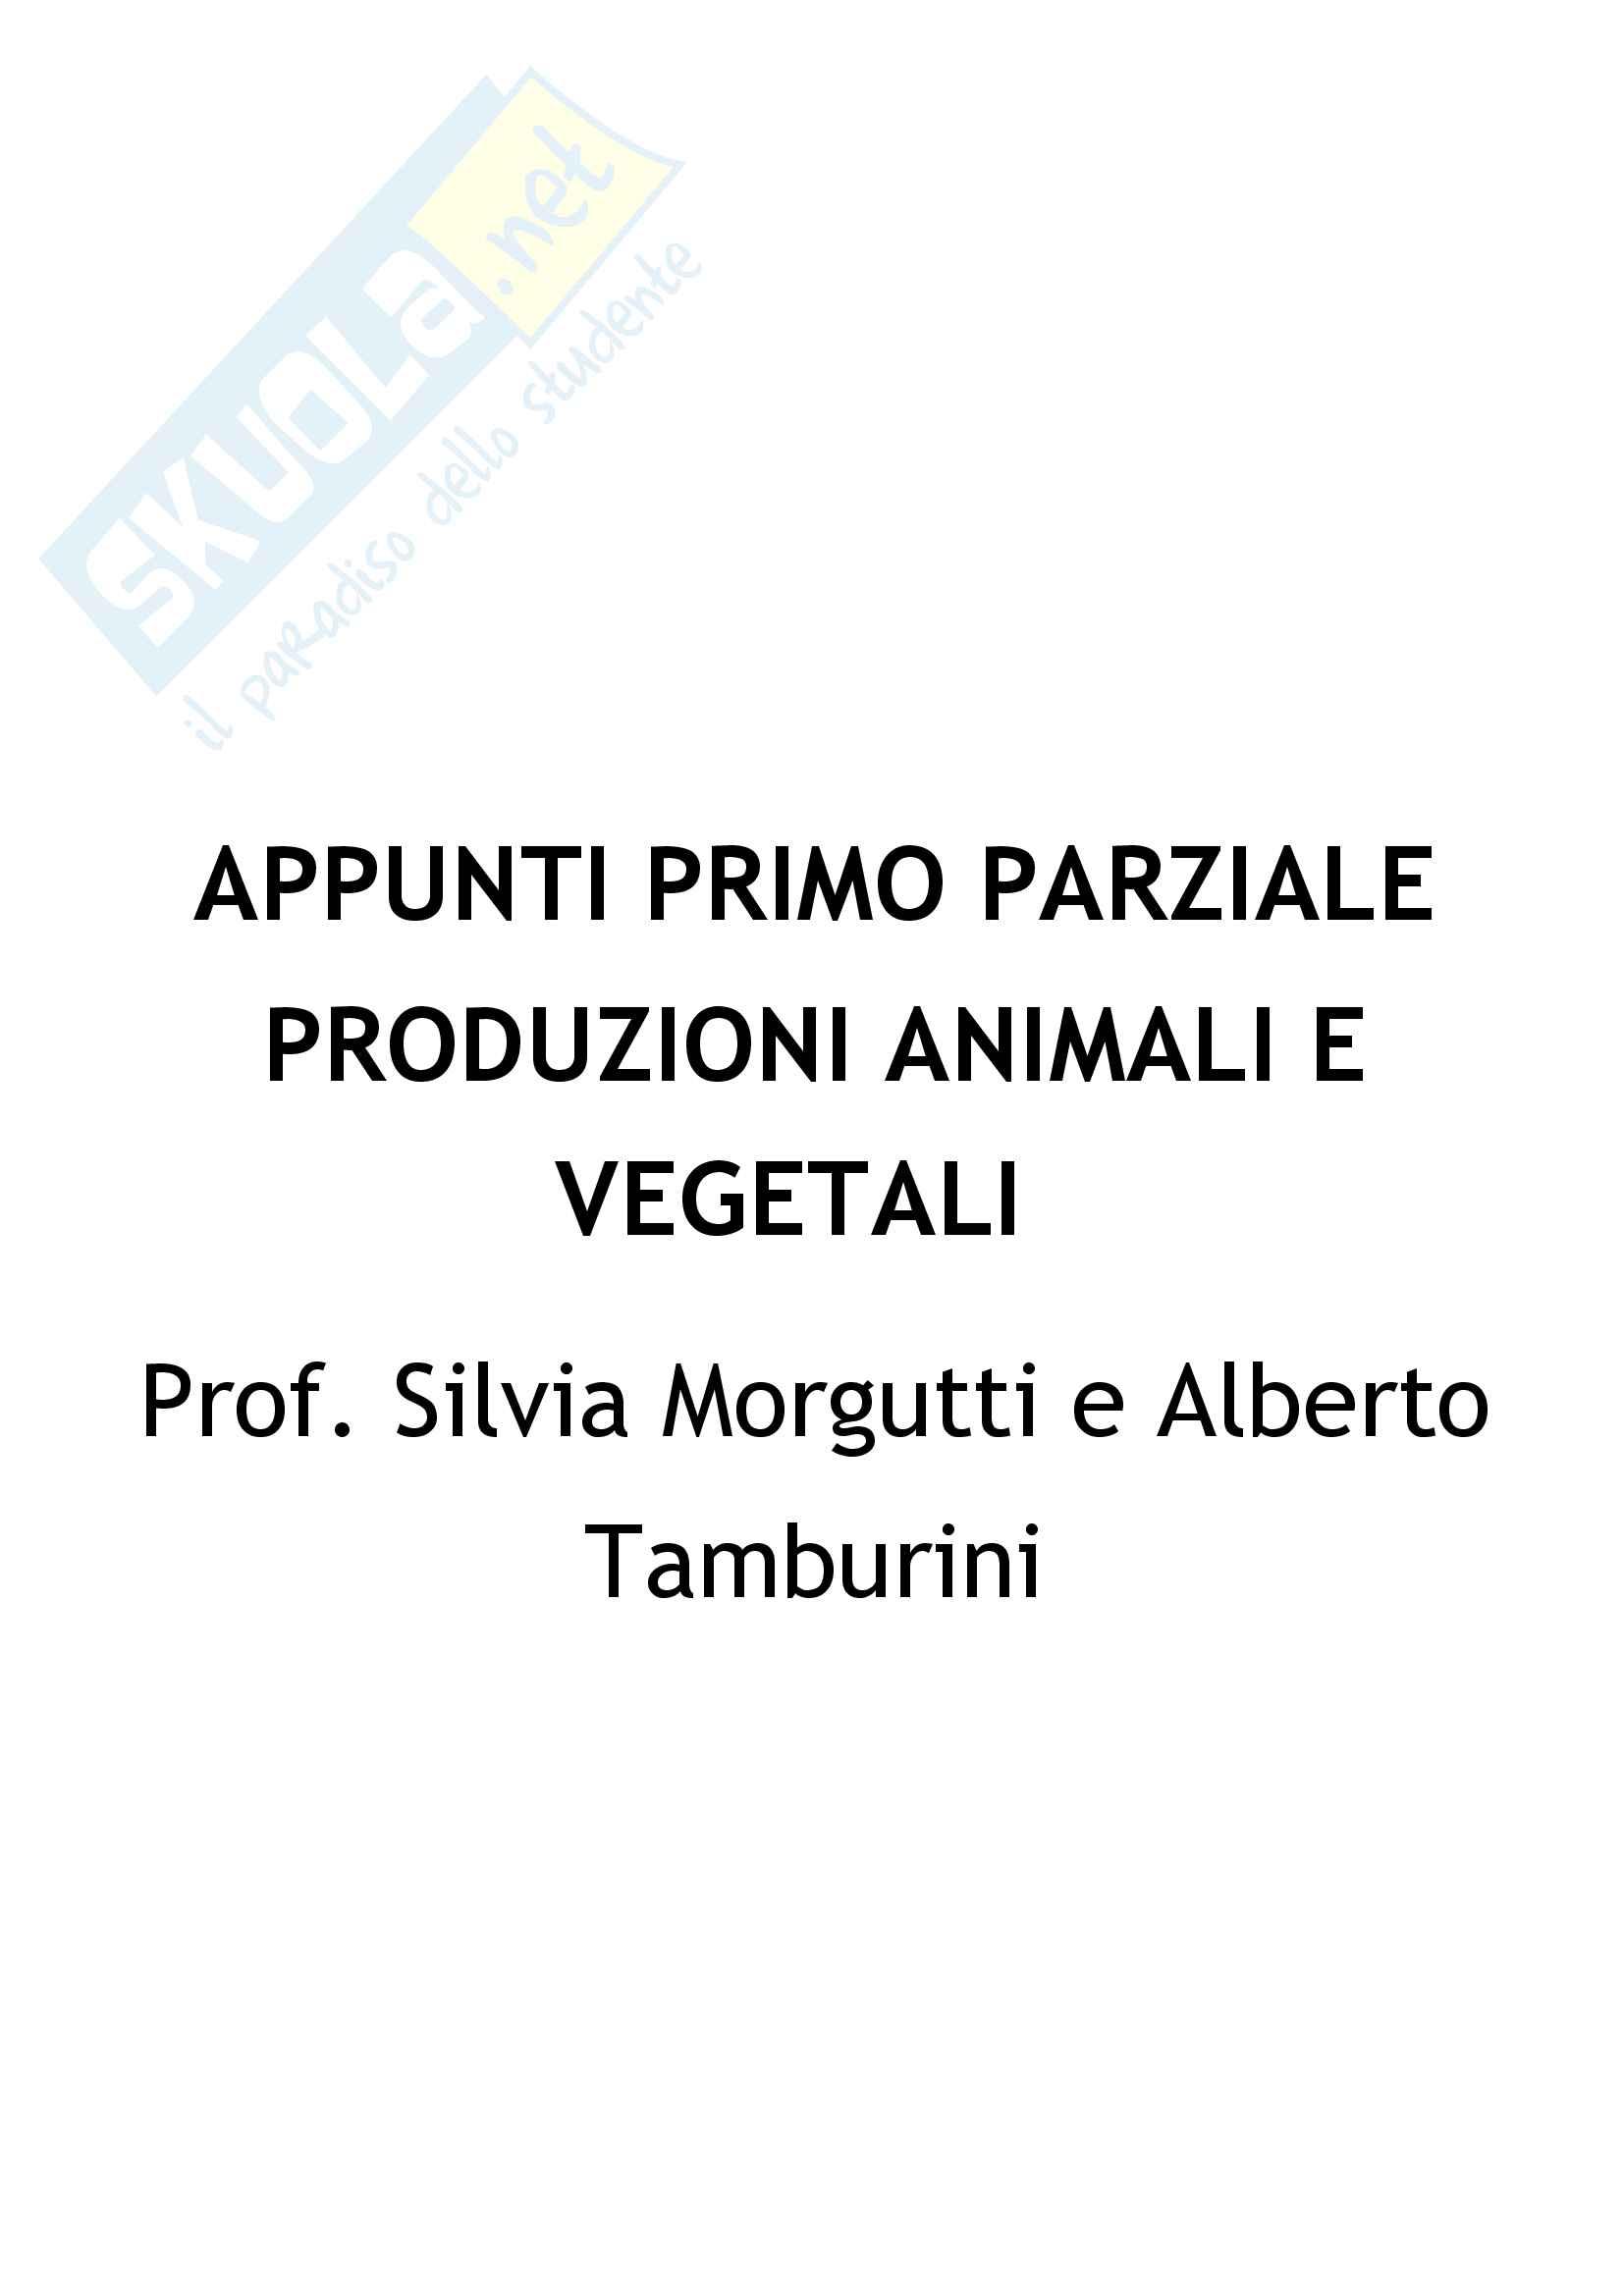 Appunti Primo parziale: Produzioni animali e vegetali